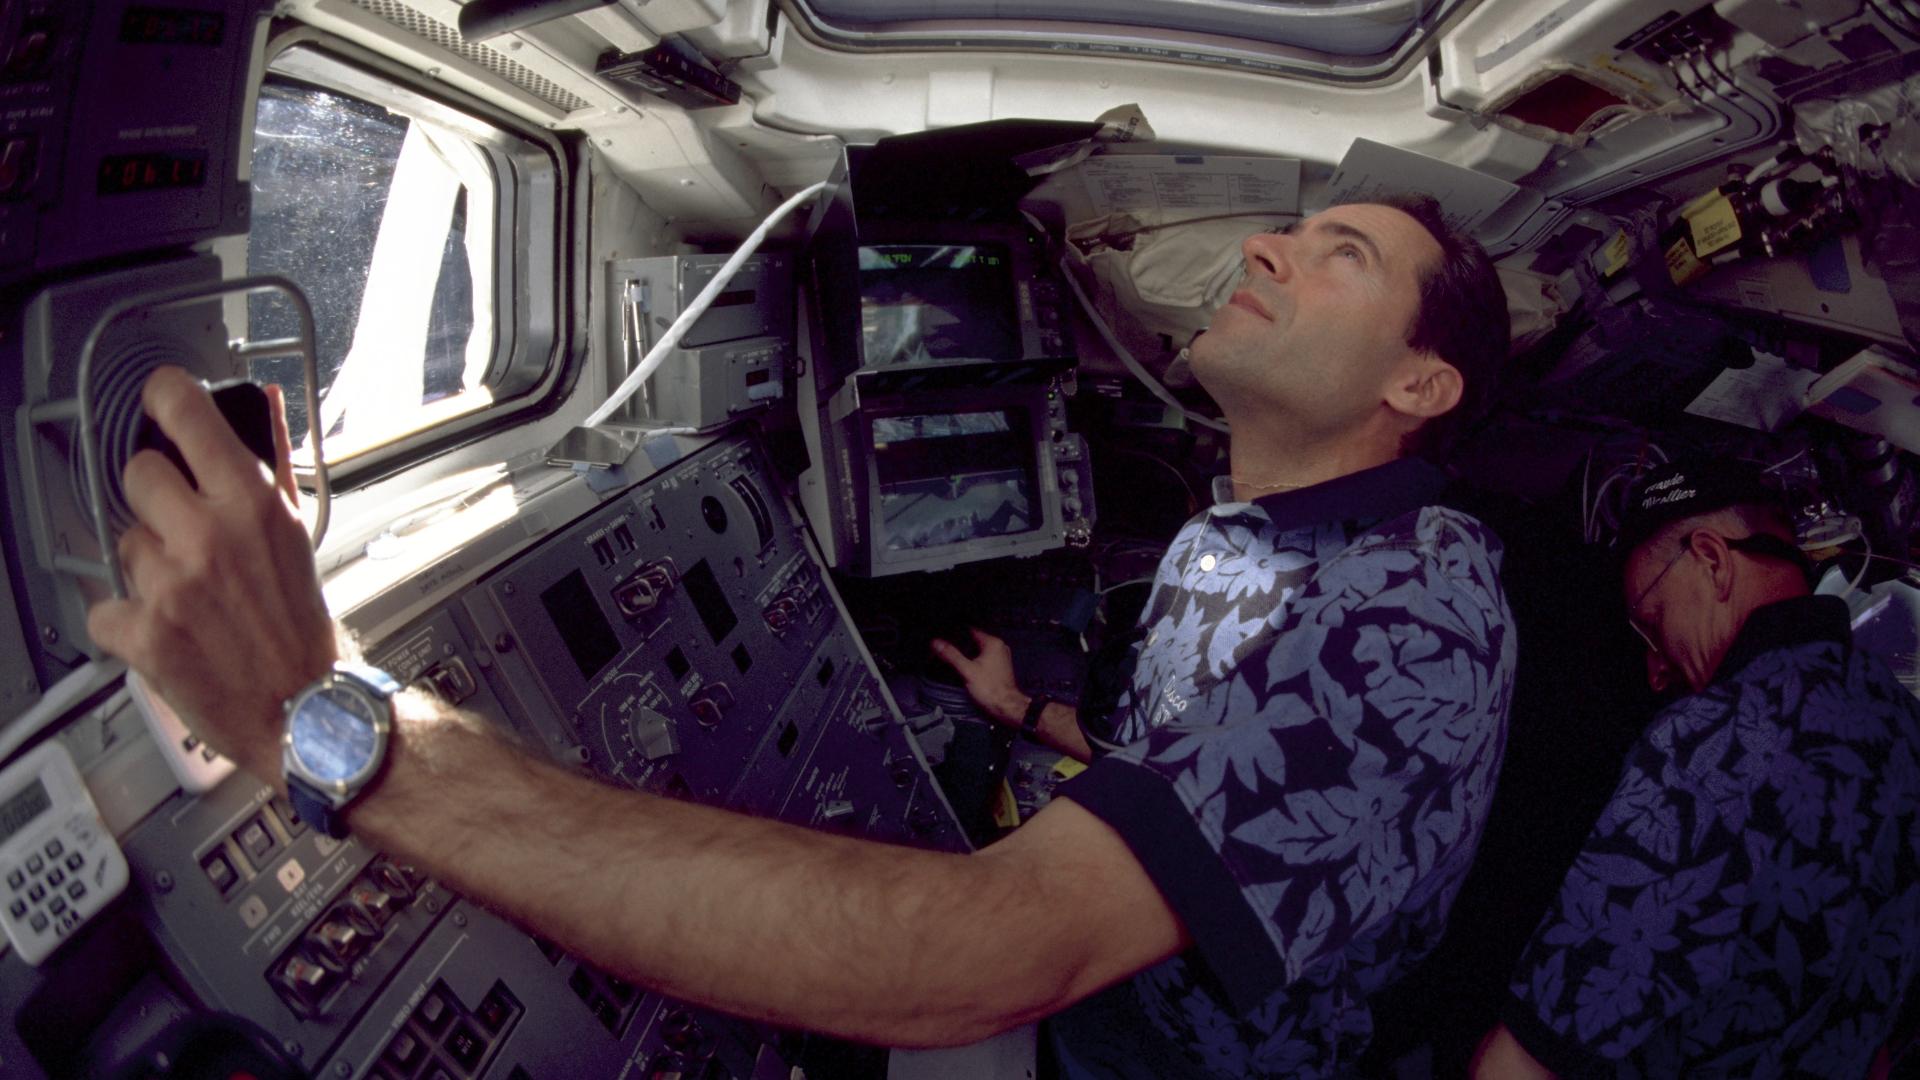 Quels sont les différents types de confinement que connaissent les astronautes ?